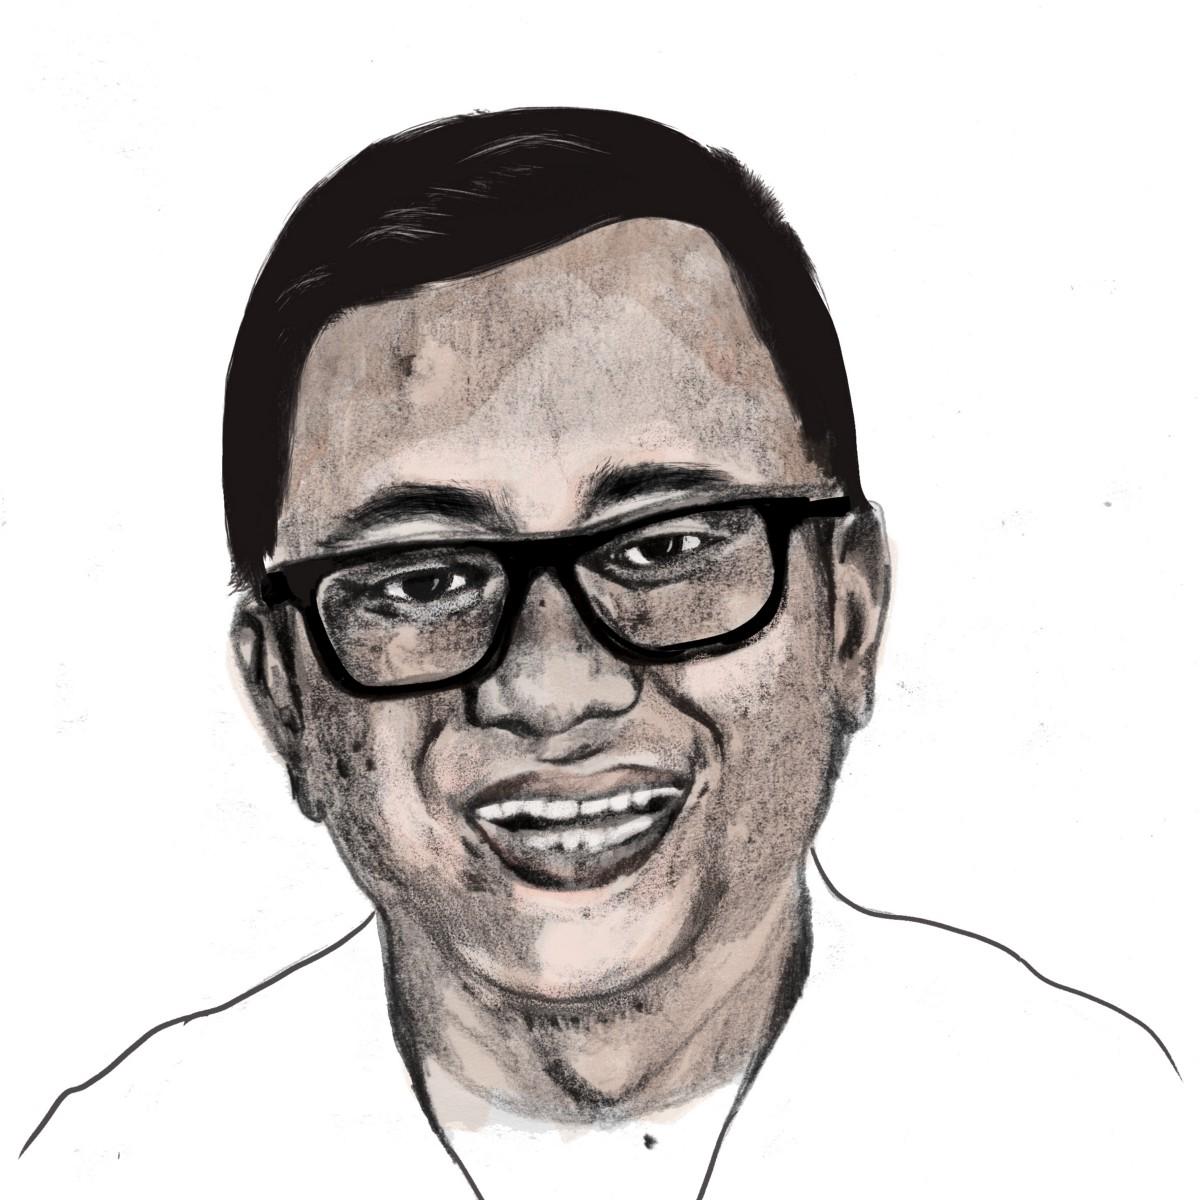 Menguak Aksi Kerajaan Kecil Sawit Di Kalimantan Paket Lengkap Bahasa Indonesia Versi Perempuan Laki Ahmad Ruswandi Anak Darwan Ali